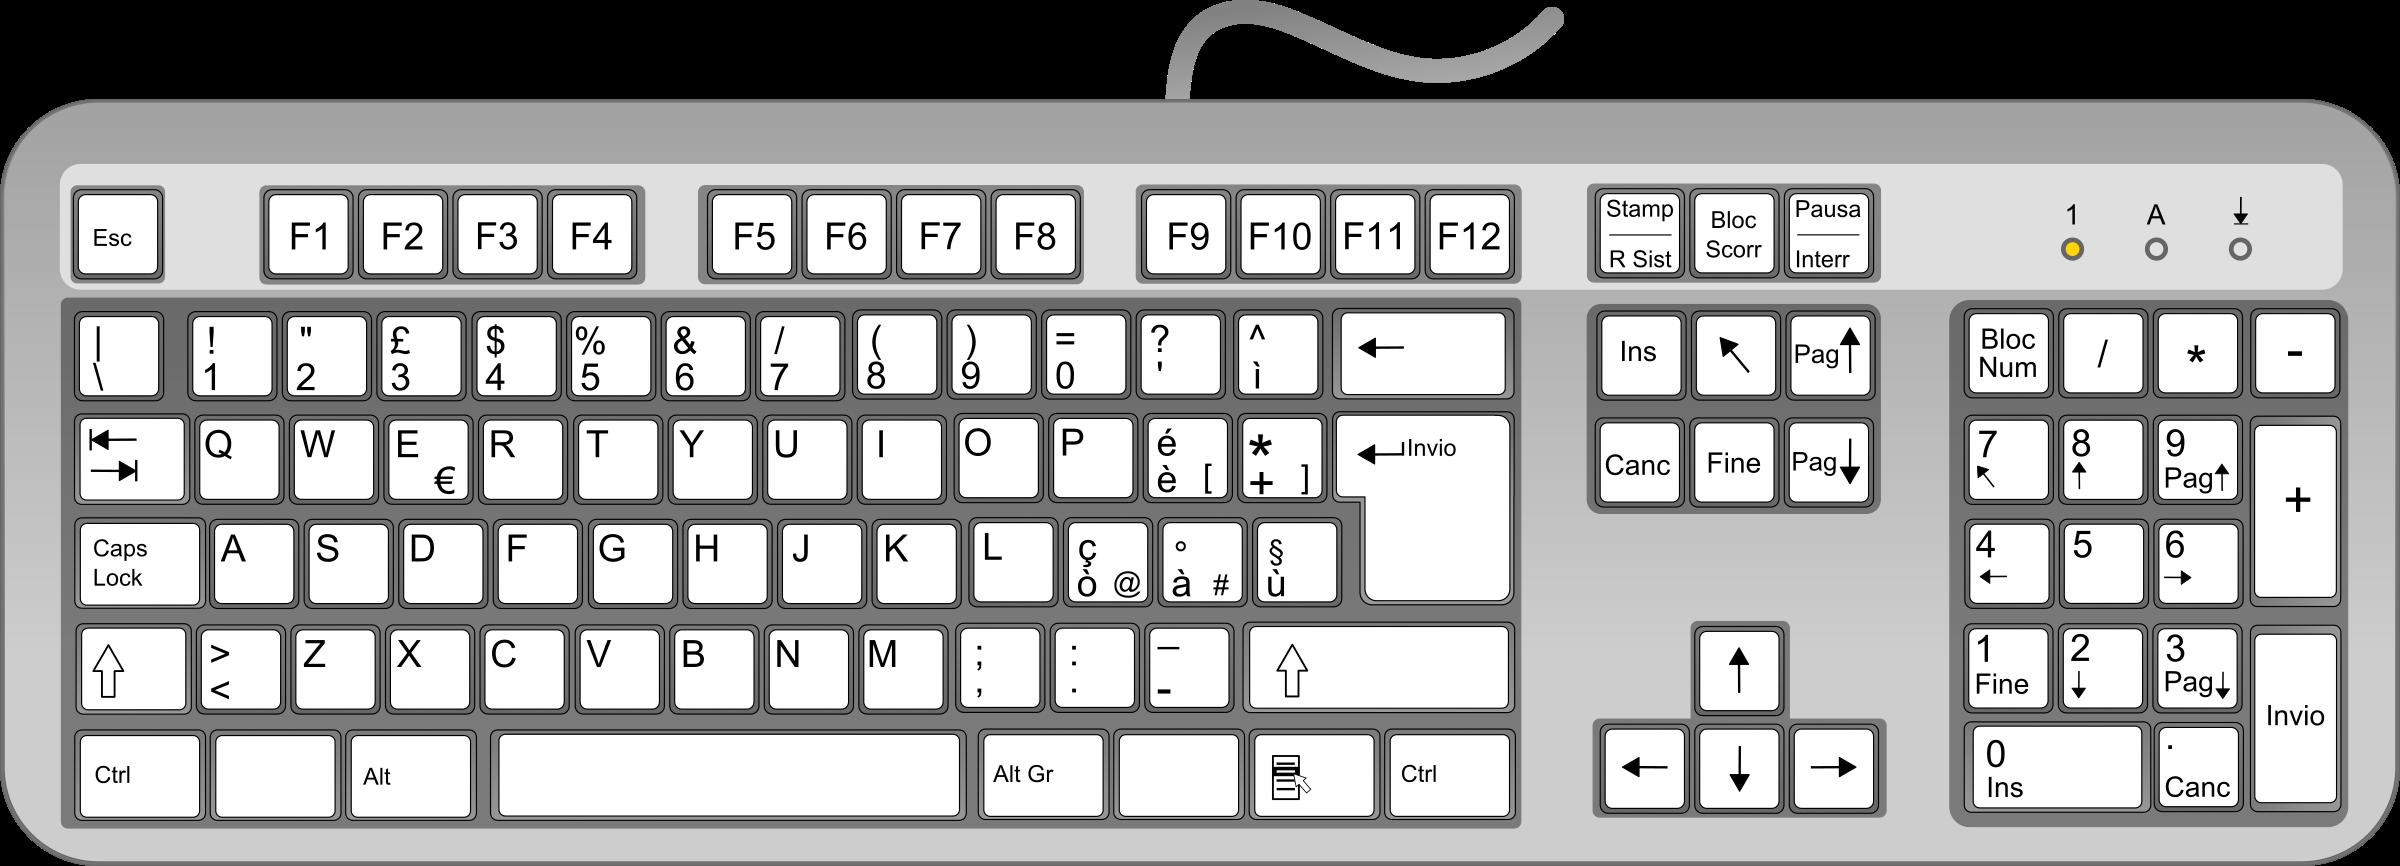 Ita big image png. White clipart keyboard